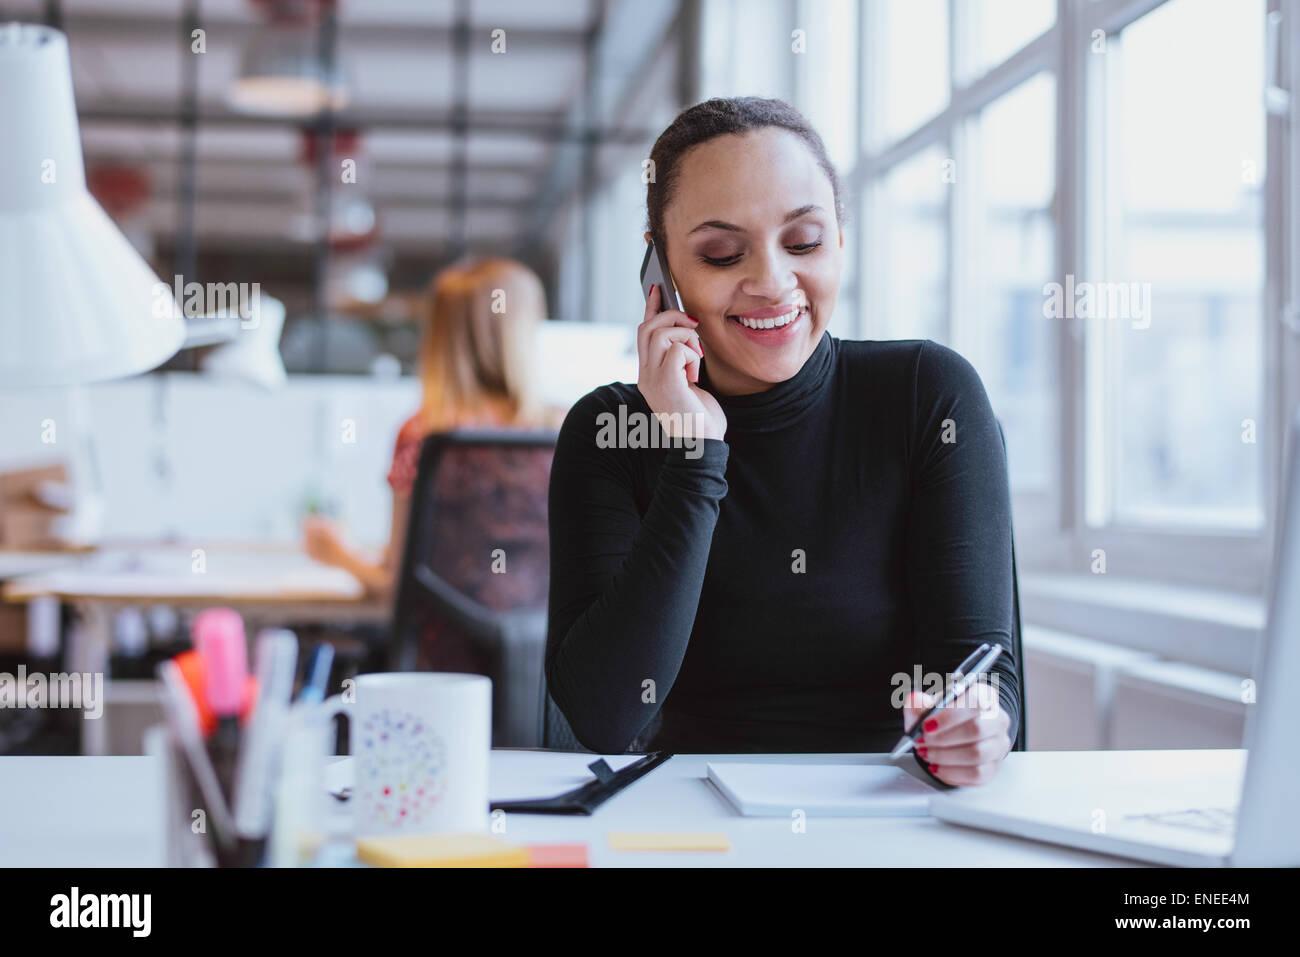 Glückliche junge Frau sitzt an ihrem Schreibtisch arbeiten und einen Anruf zu beantworten. Stockbild